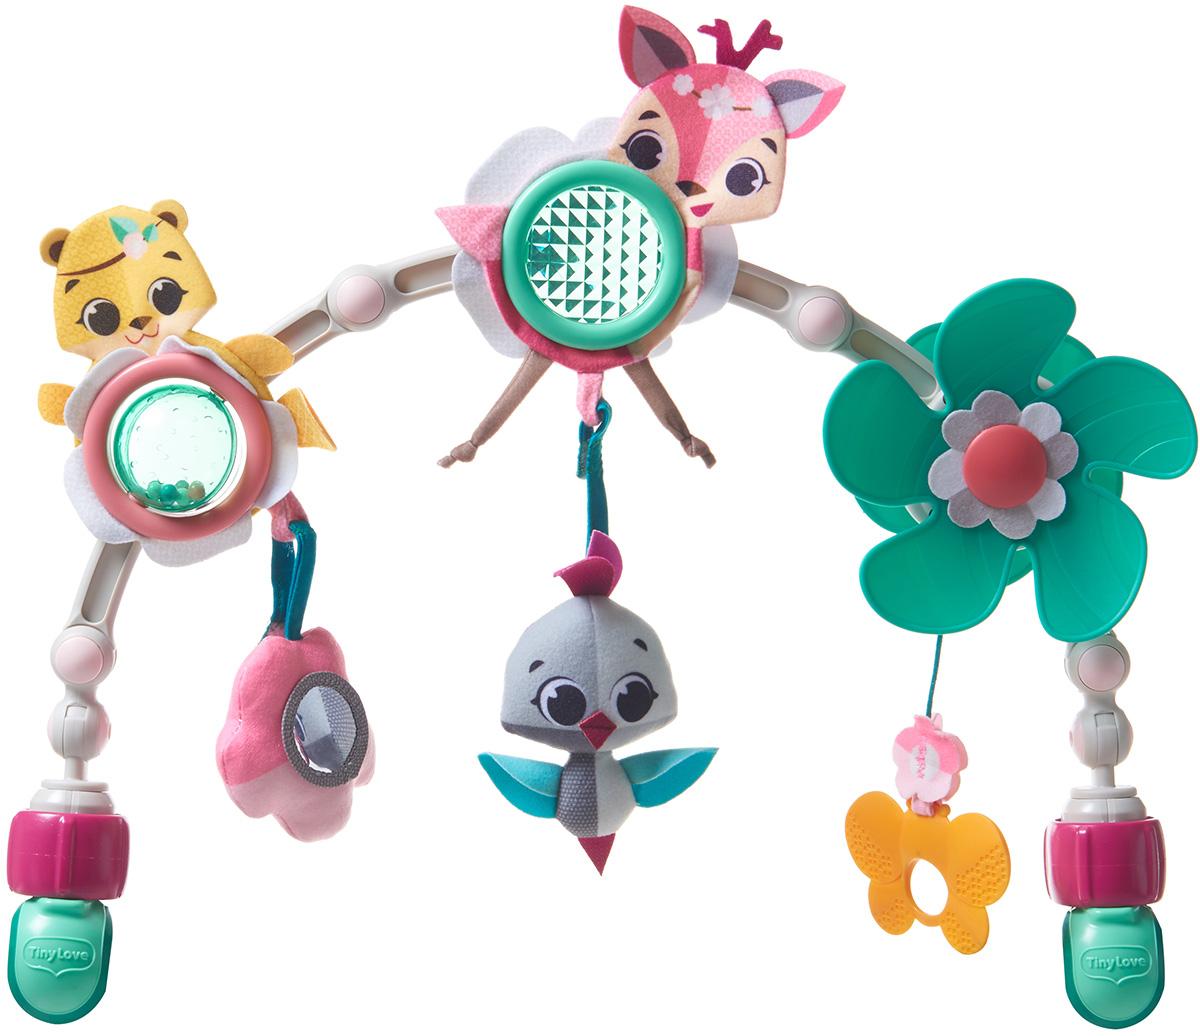 Tiny Love Развивающая дуга-трансформер Принцесса - Игрушки для малышей